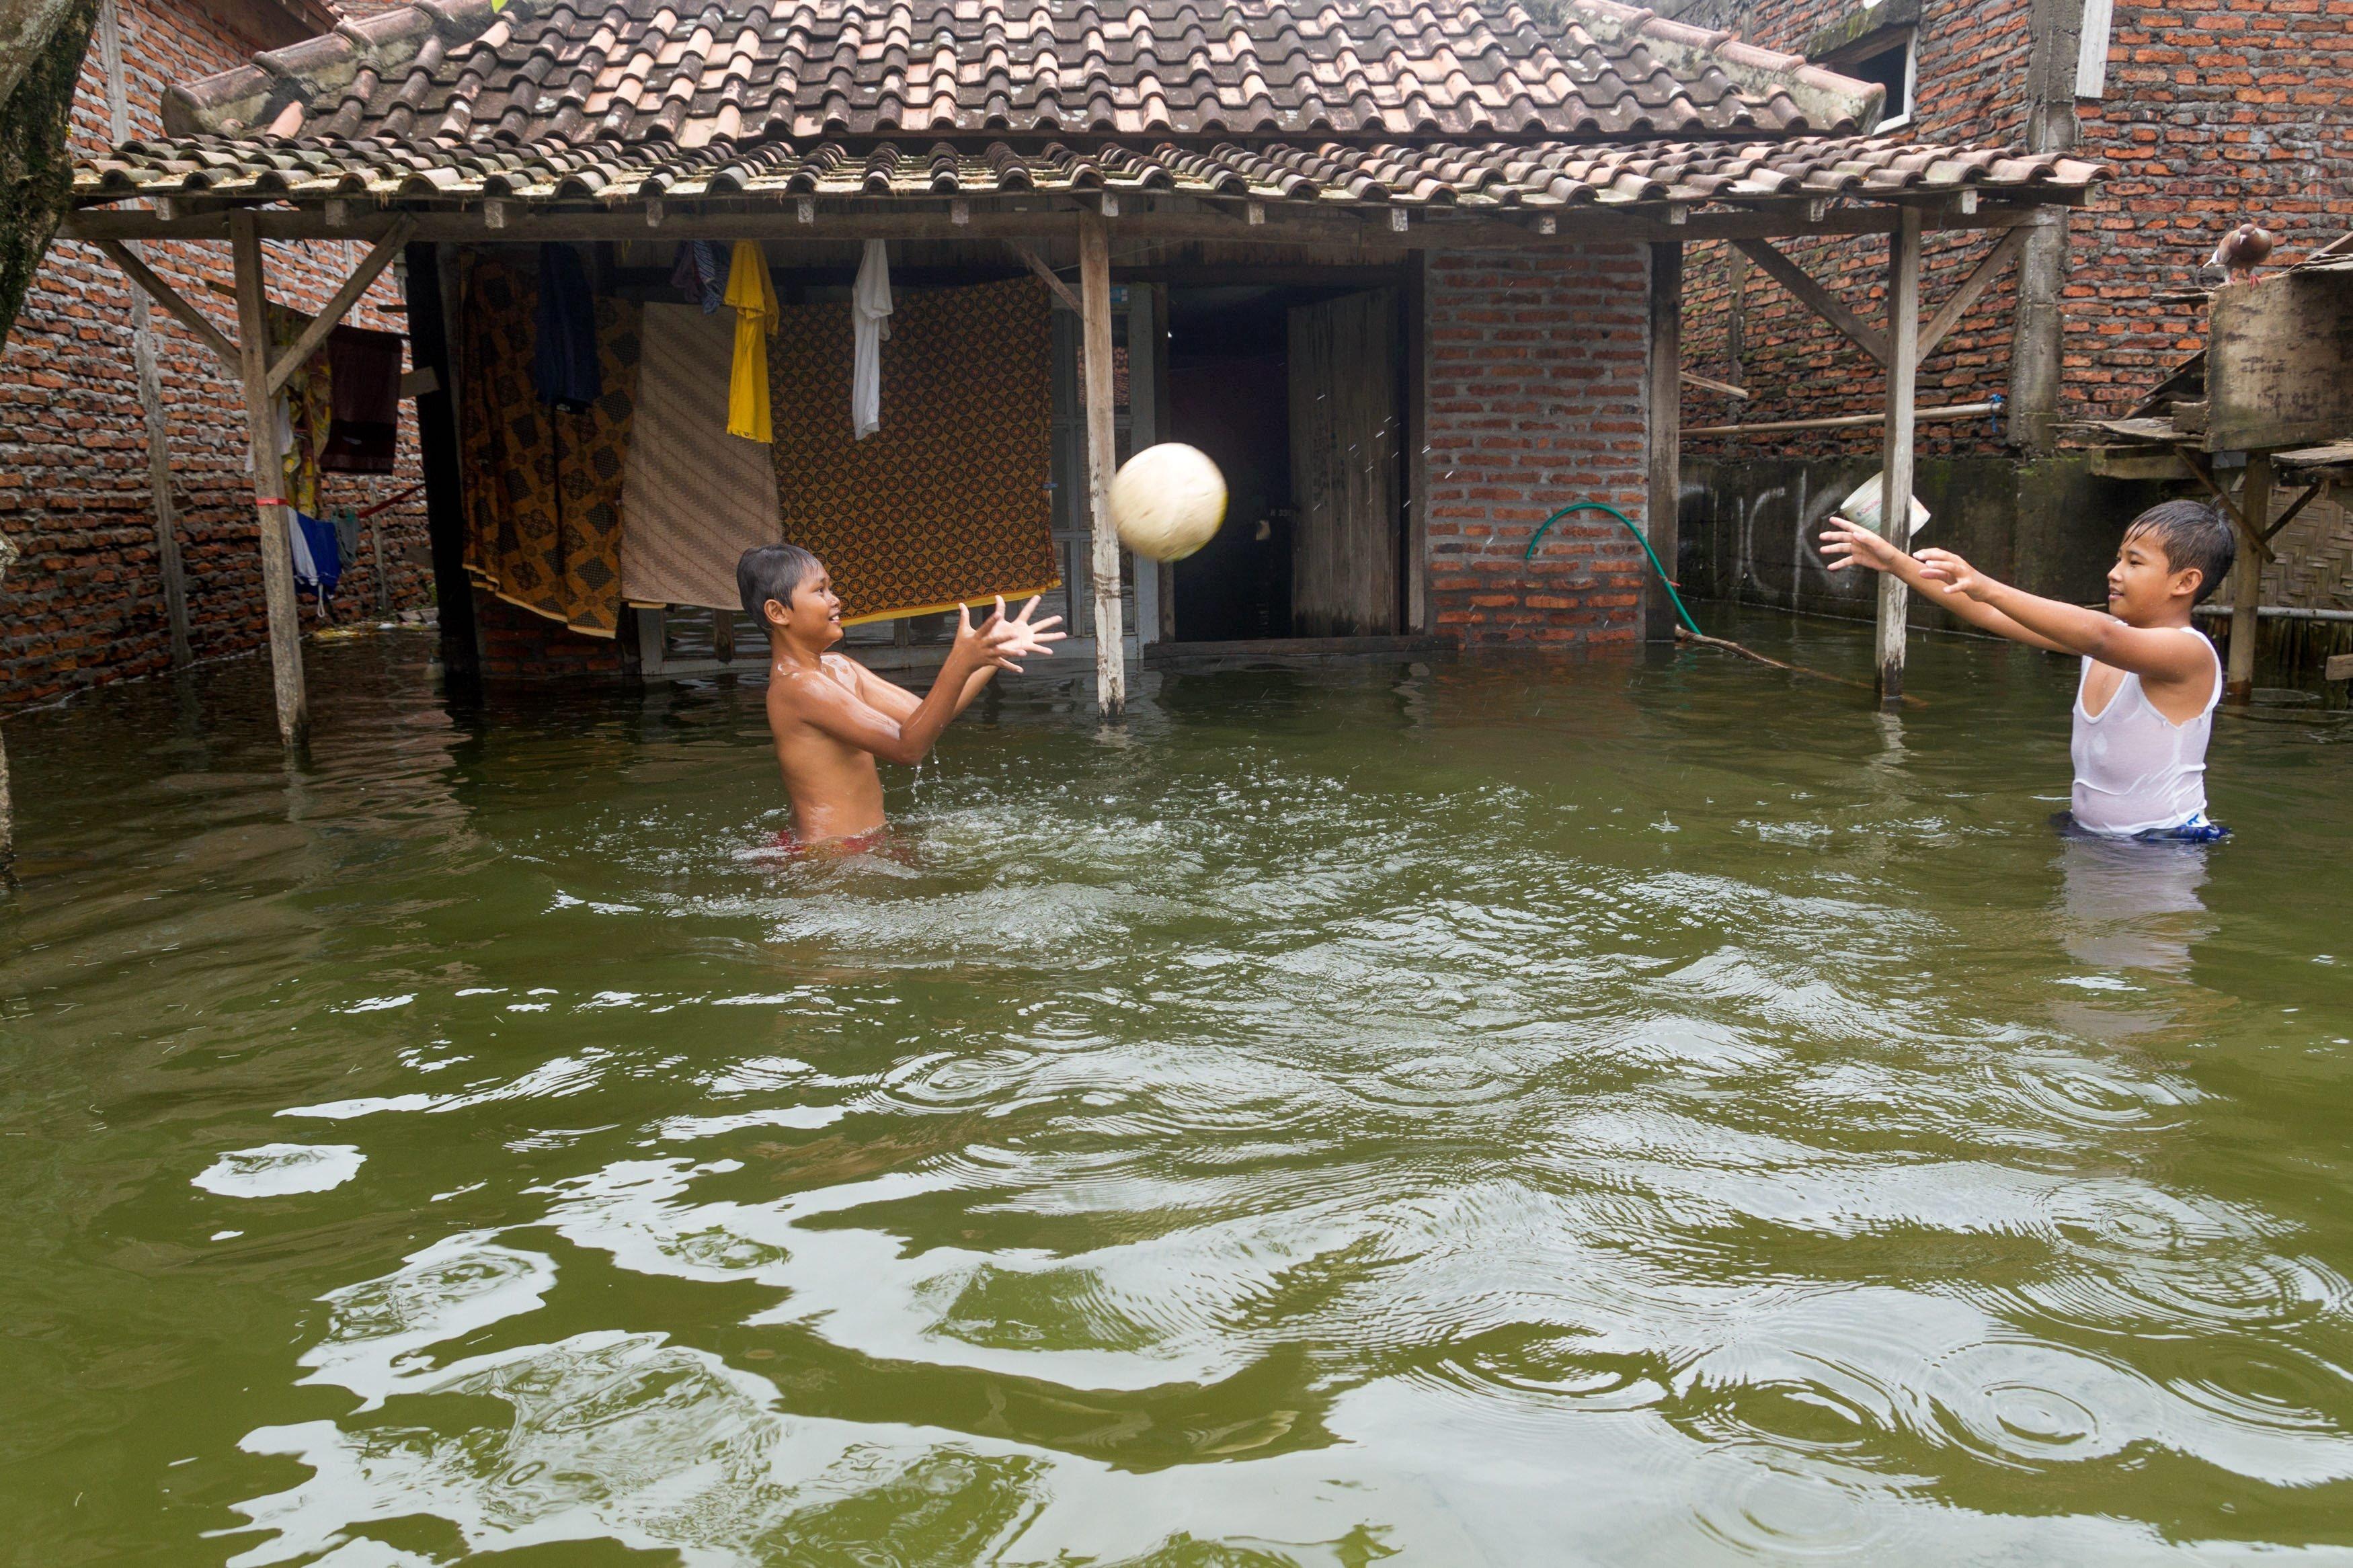 Dua anak bermain di depan rumahnya yang terendam banjir di Sayung, Demak, Jawa Tengah. Banjir yang disebabkan luapan Sungai Dombo yang tak mampu menampung debit air akibat tingginya intensitas hujan tersebut merendam sekitar 1.450 rumah warga dengan ketinggian air 30 cm-1 meter.